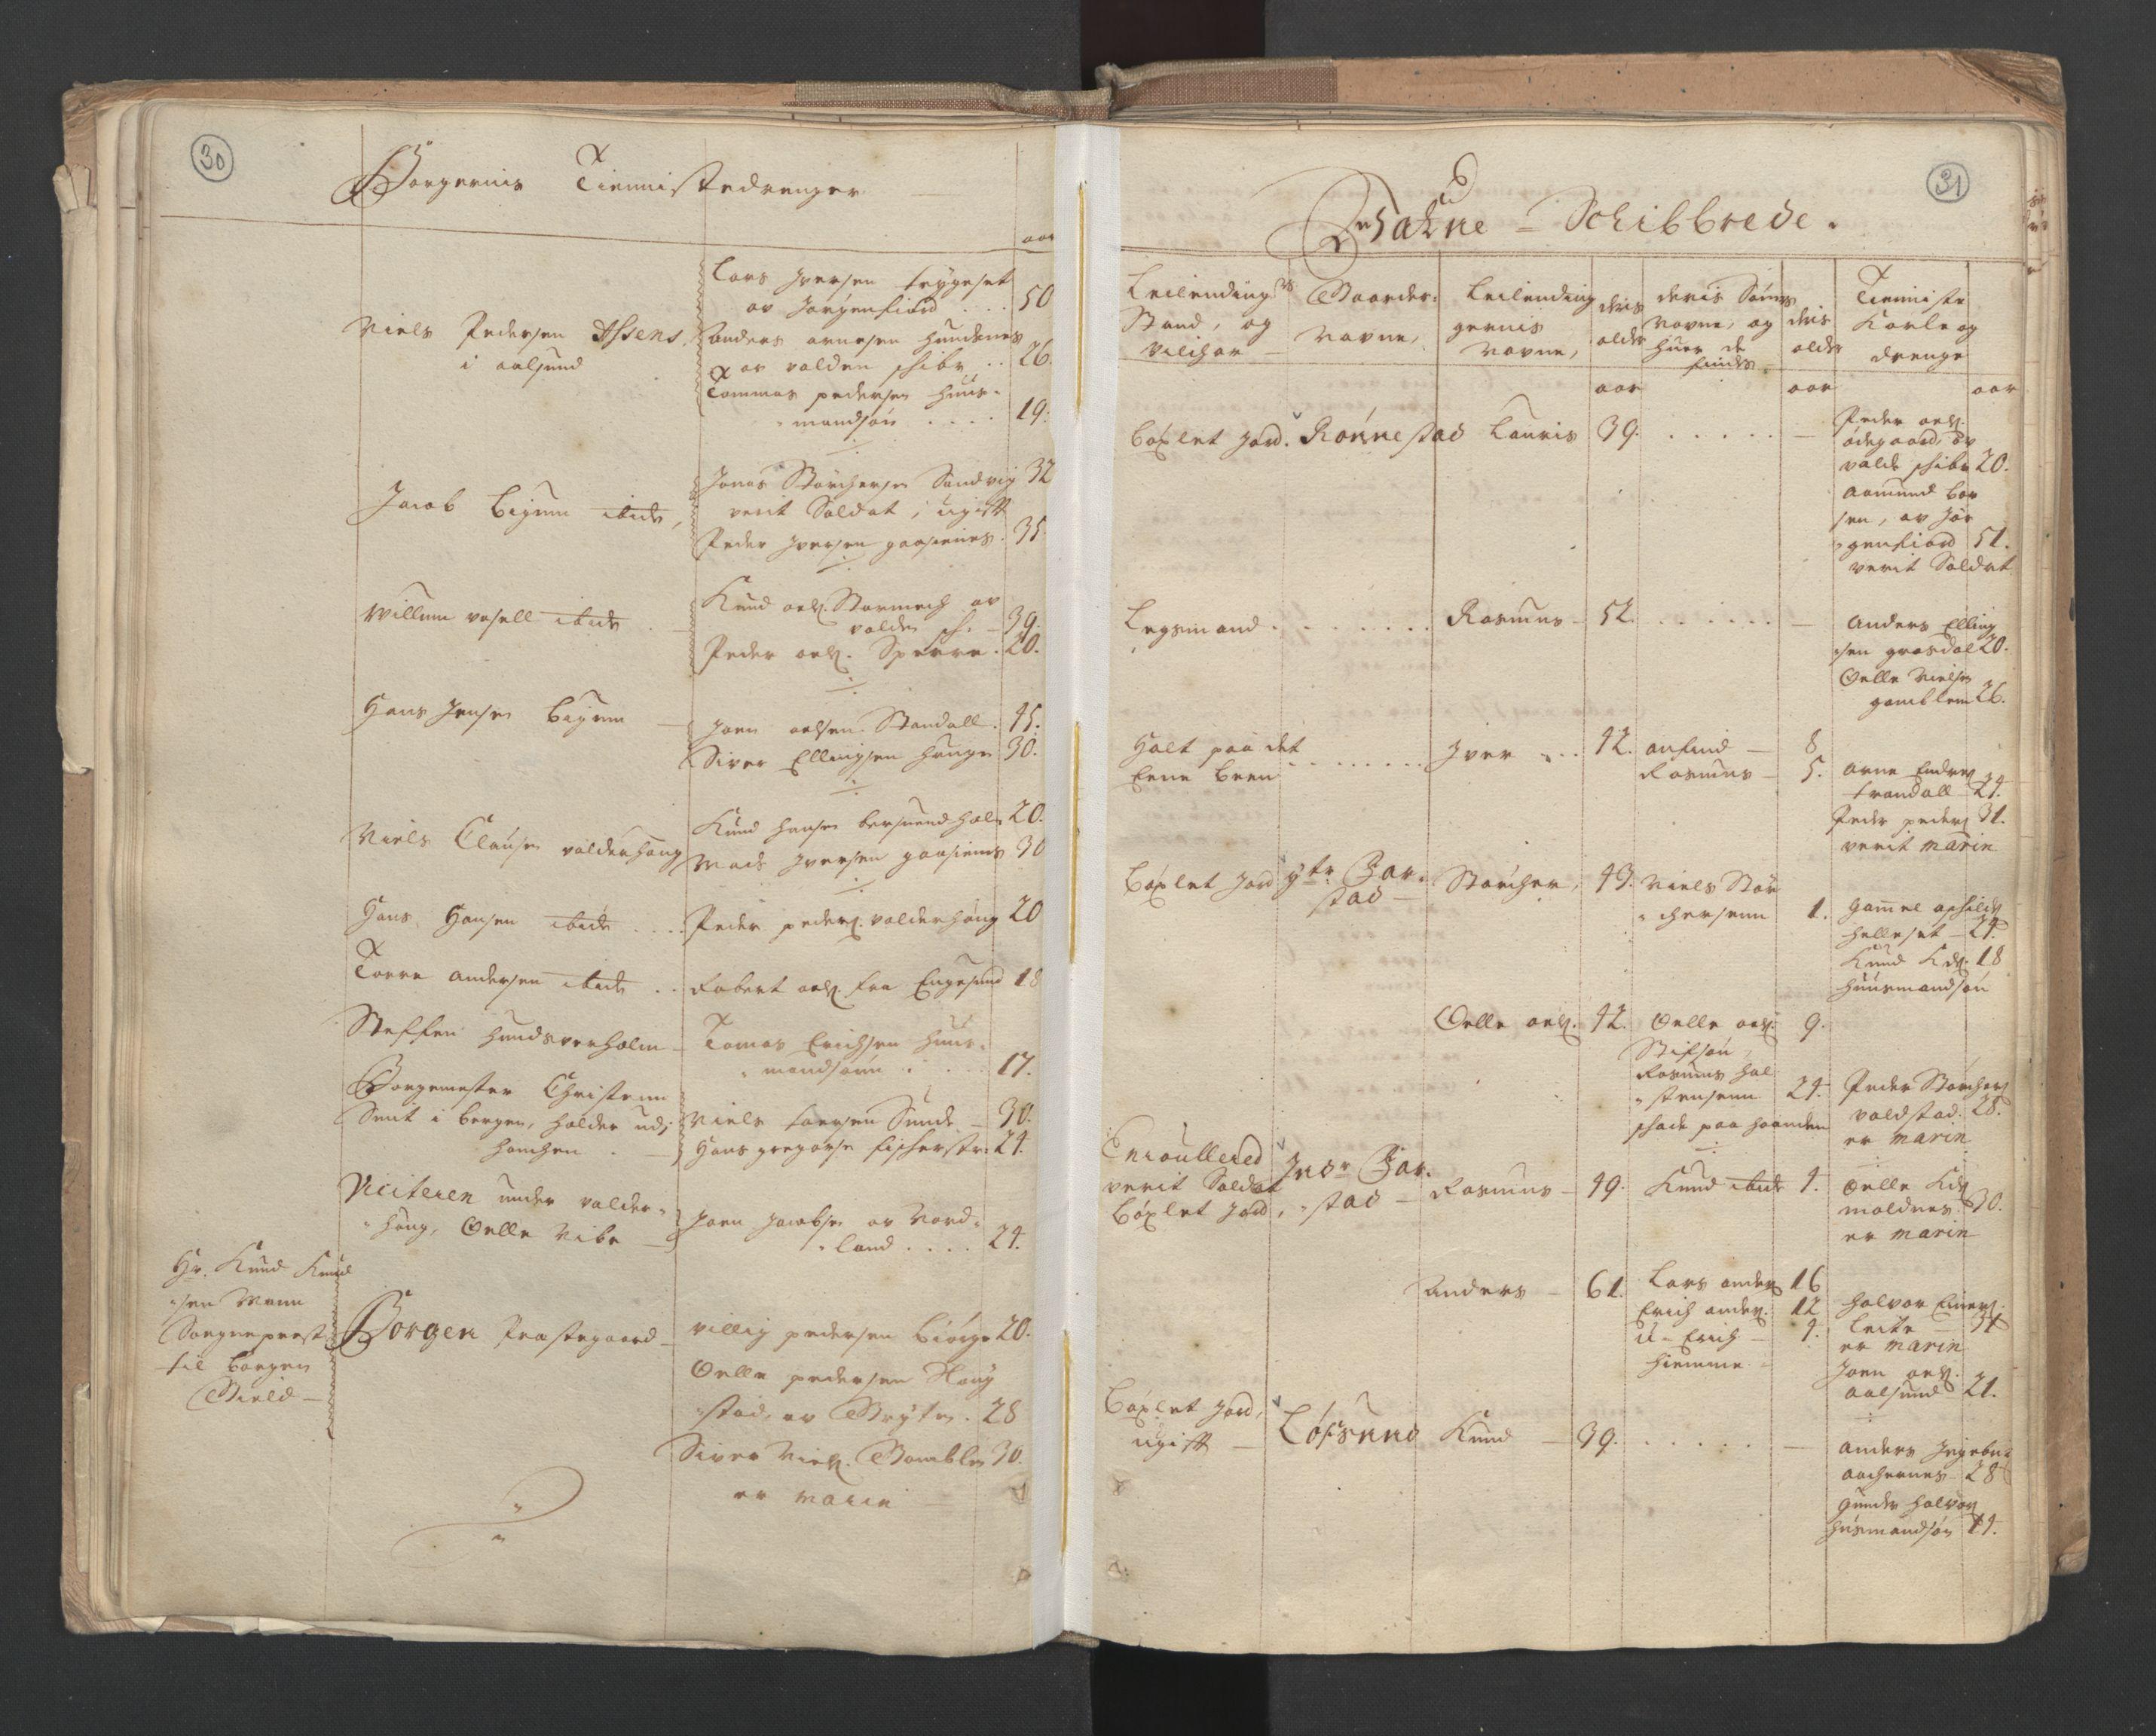 RA, Manntallet 1701, nr. 10: Sunnmøre fogderi, 1701, s. 30-31